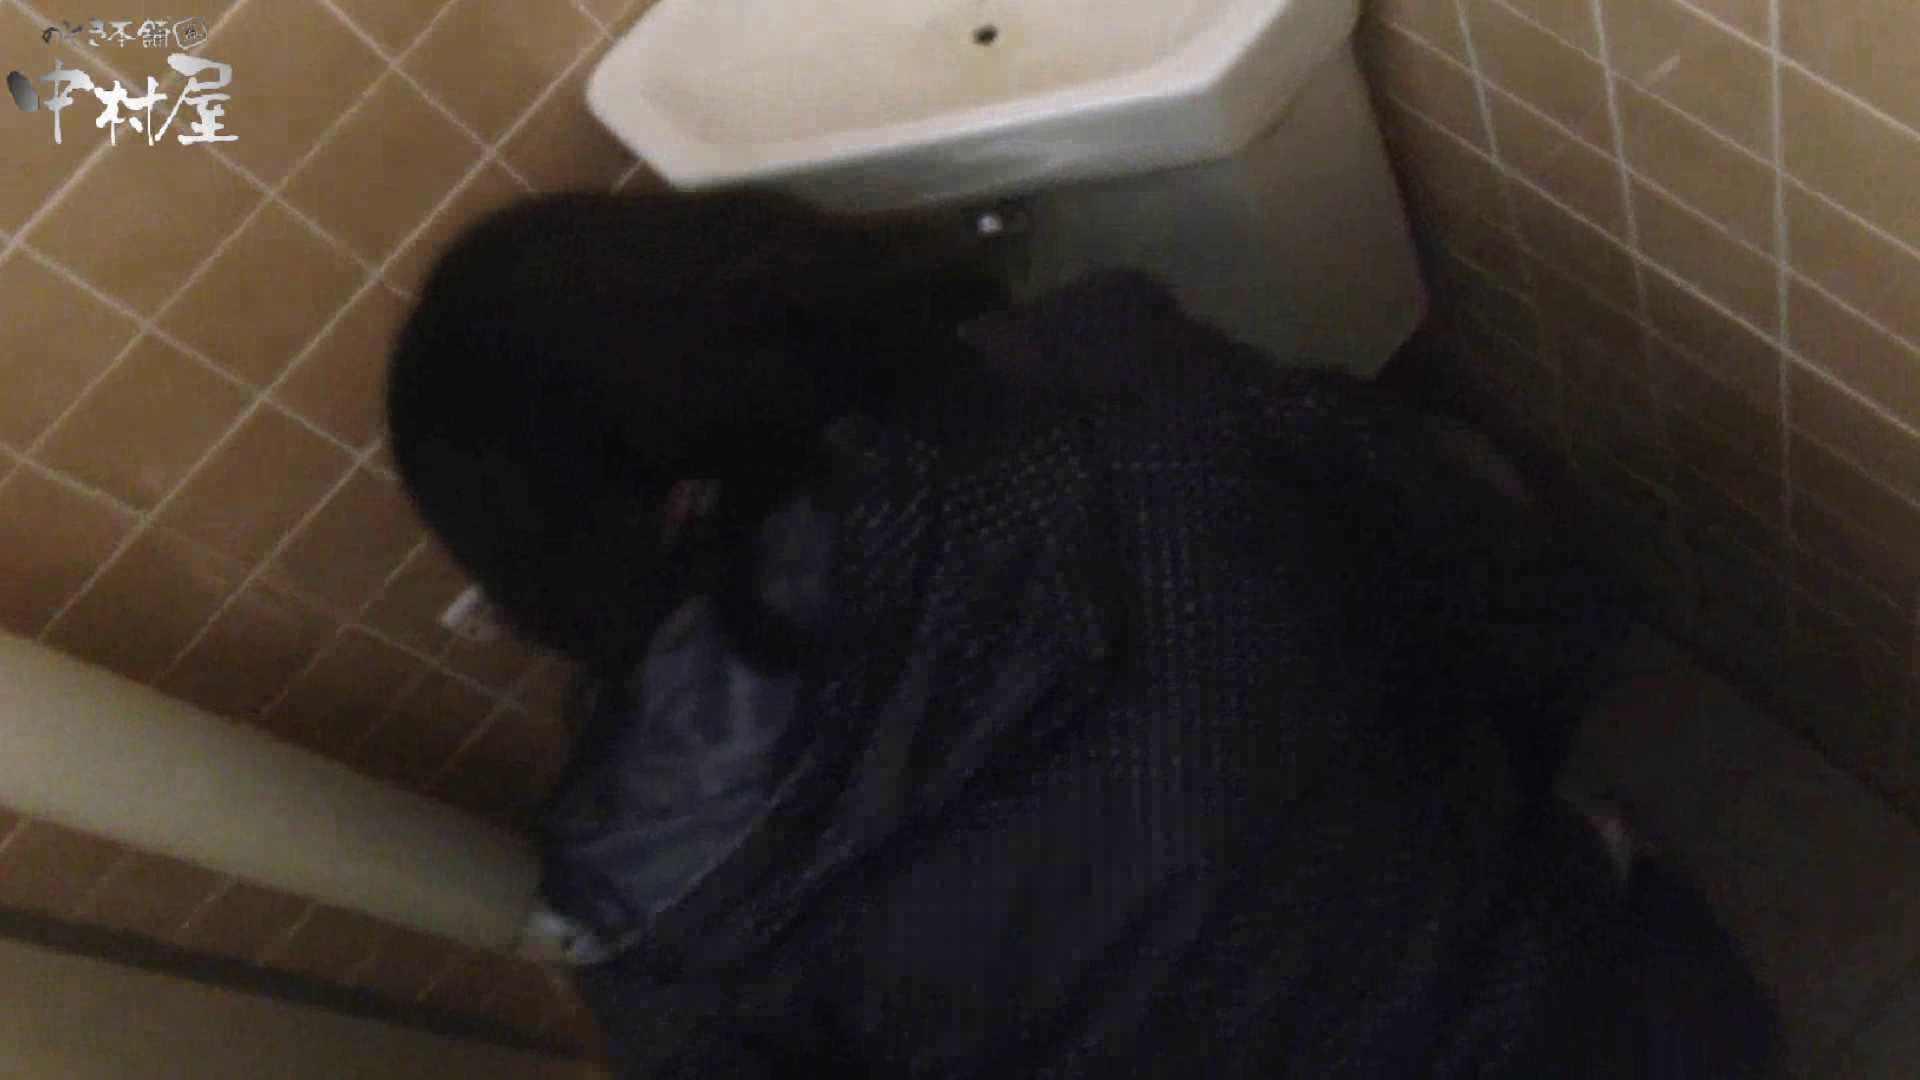 部活女子トイレ潜入編vol.5 美しいOLの裸体 のぞき動画画像 107pic 102